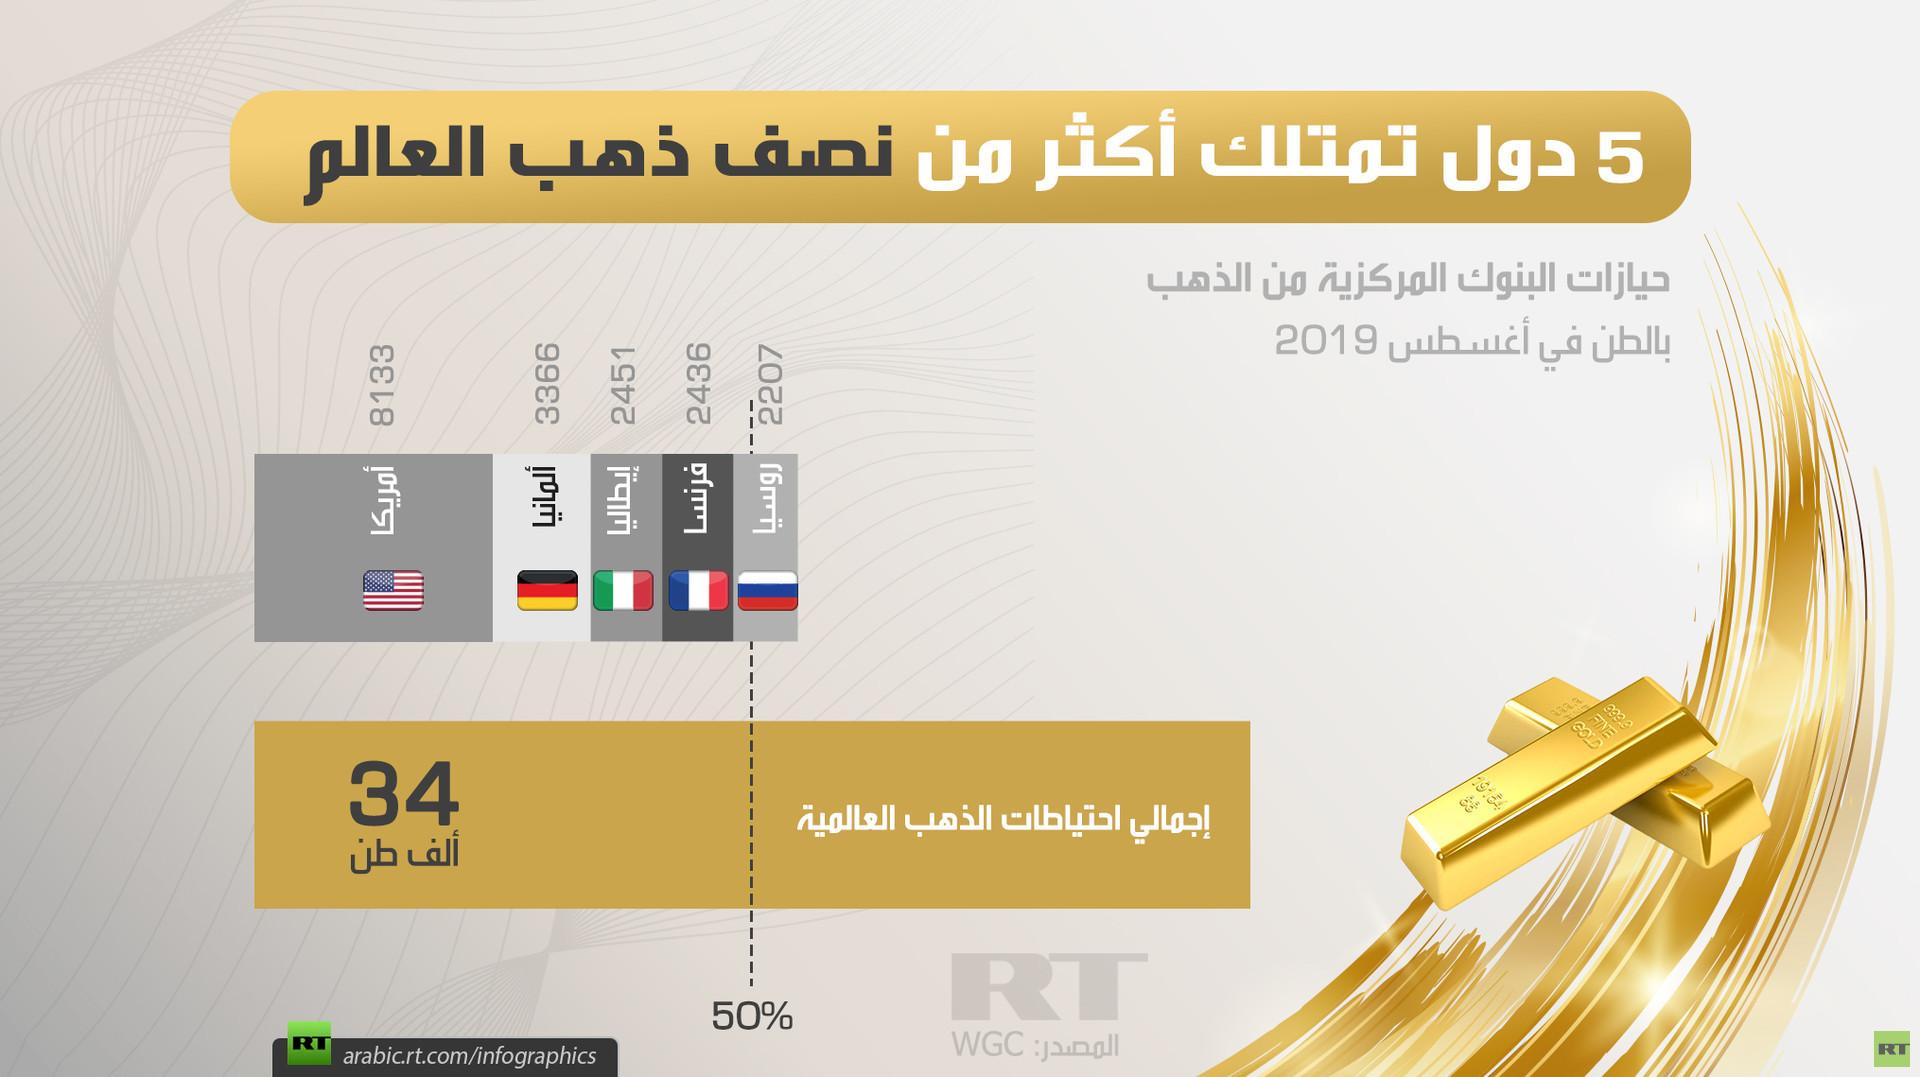 5 دول تمتلك أكثر من نصف ذهب العالم